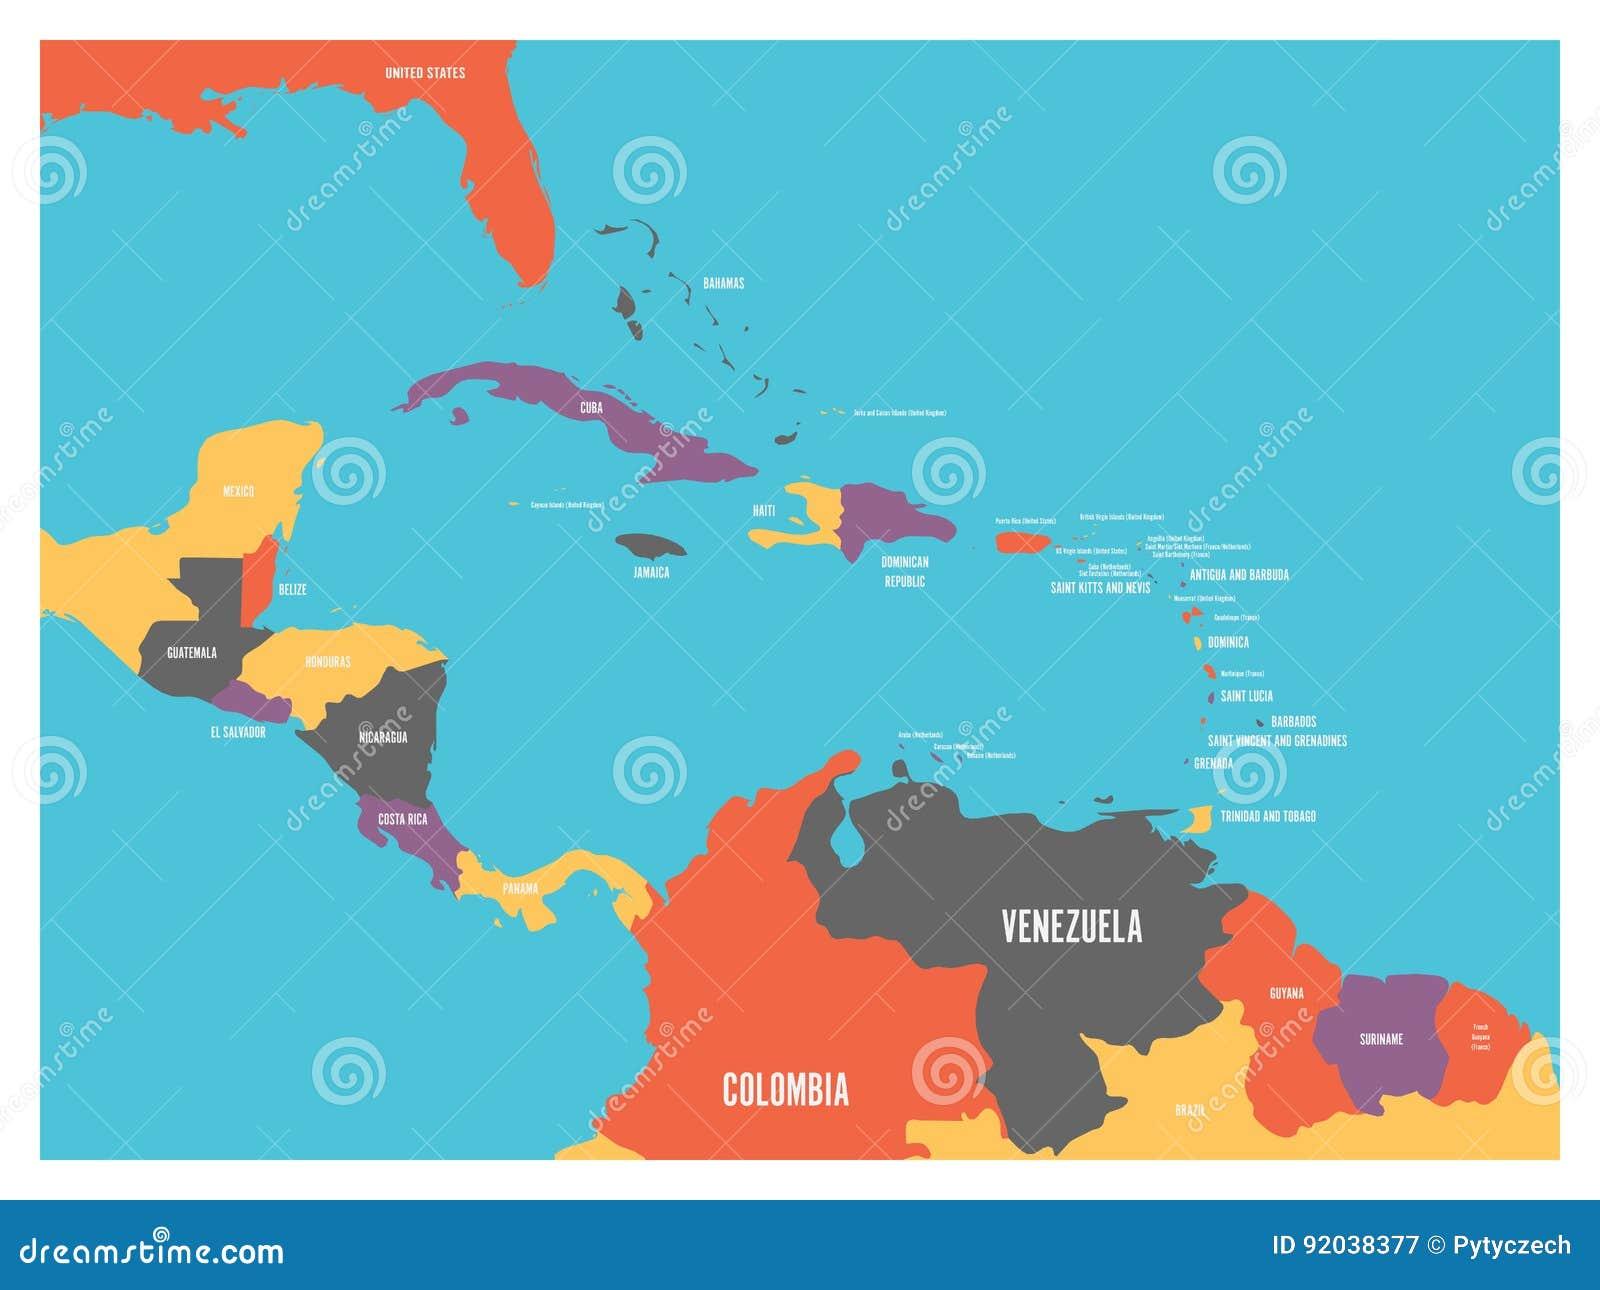 Ameryka Srodkowa I Karaibskich Stanow Polityczna Mapa Z Krajow